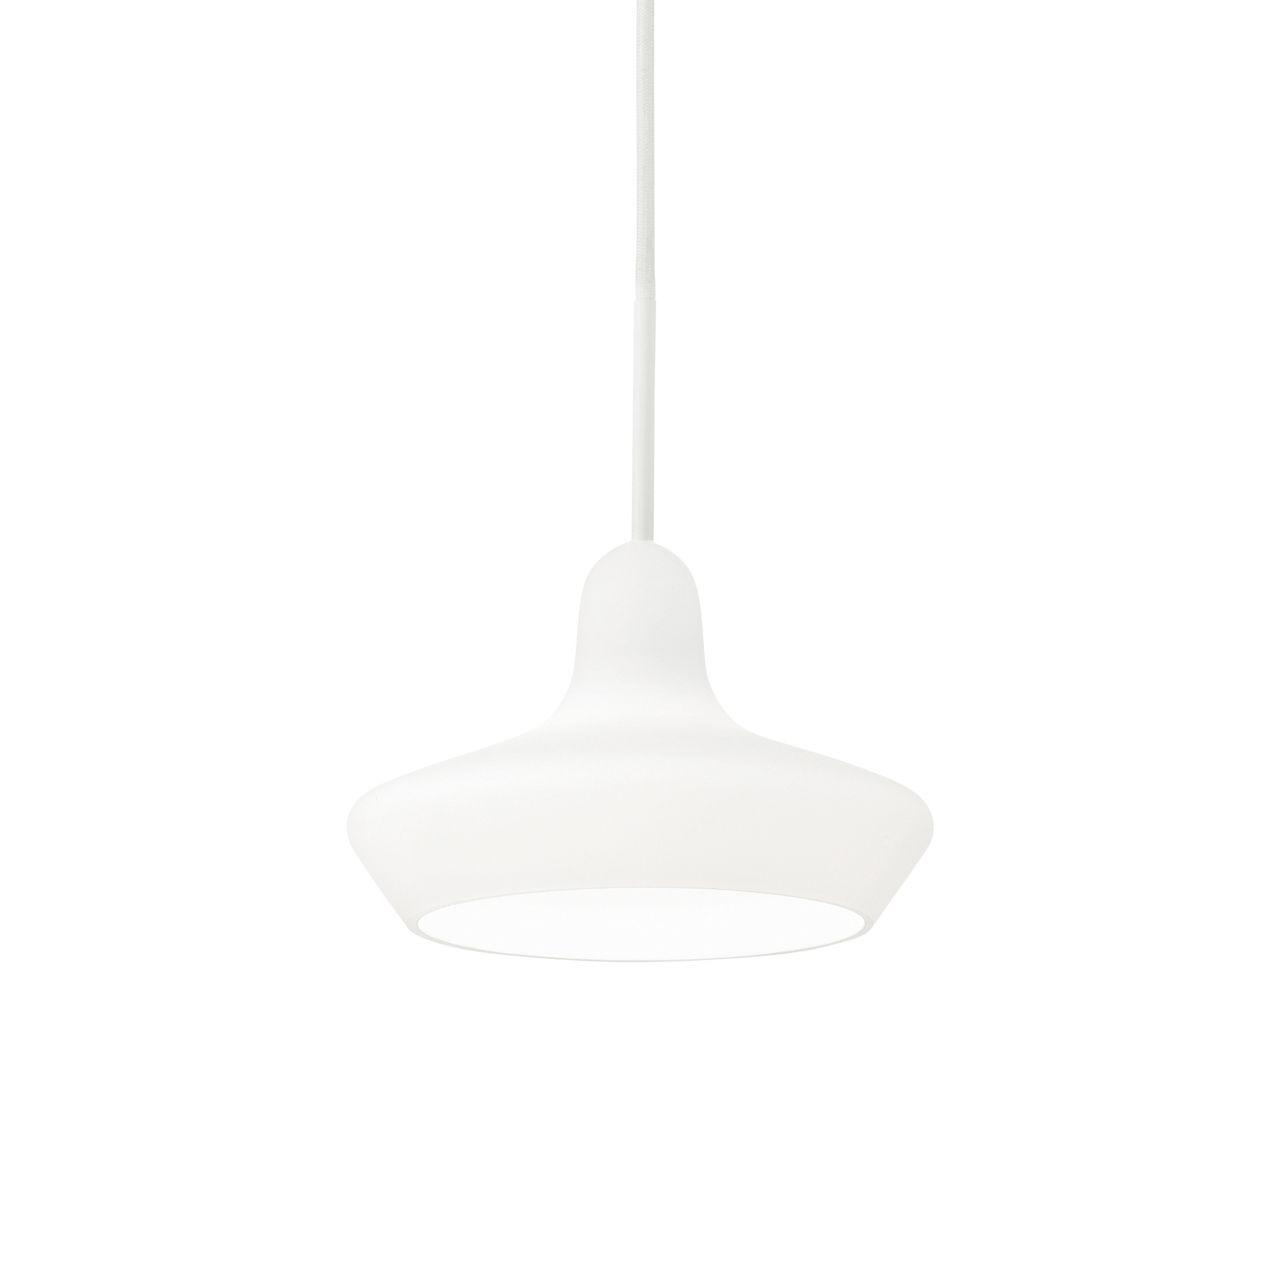 Подвесной светильник Ideal Lux Lido-3 SP1 Bianco подвесной светильник ideal lux lido 1 sp1 bianco